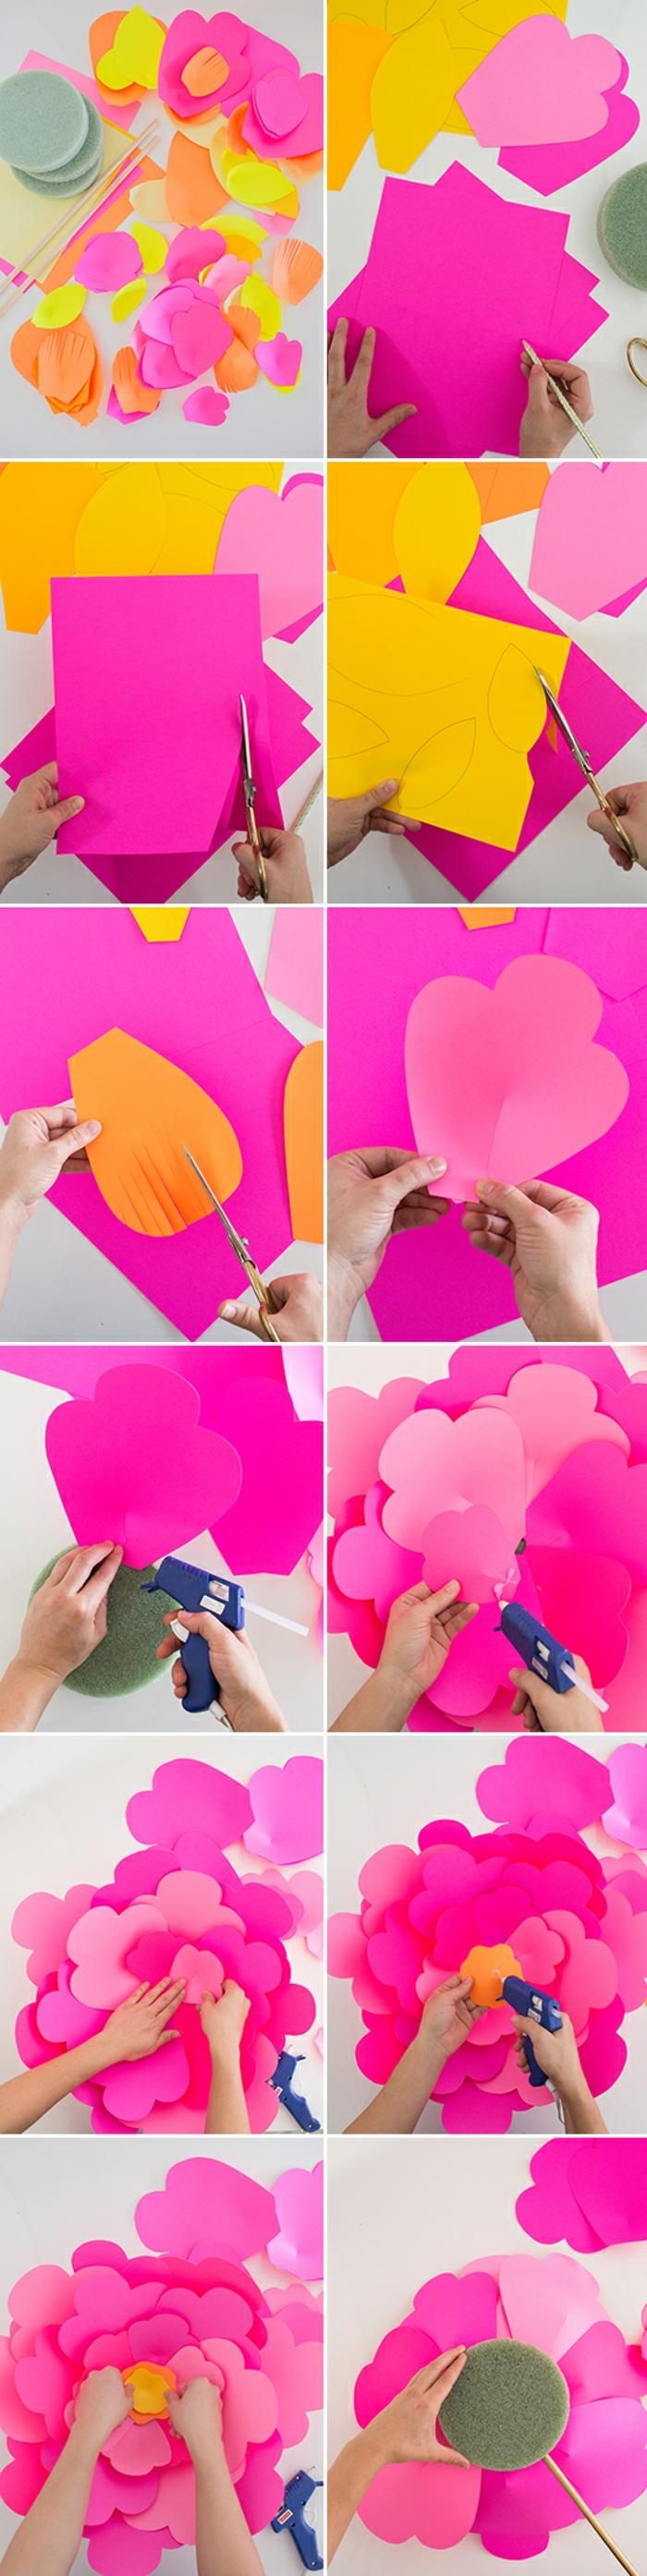 diy fleur en papier avec des petales roses arrondies et frangées et centre jaune, réalisation étape par étape